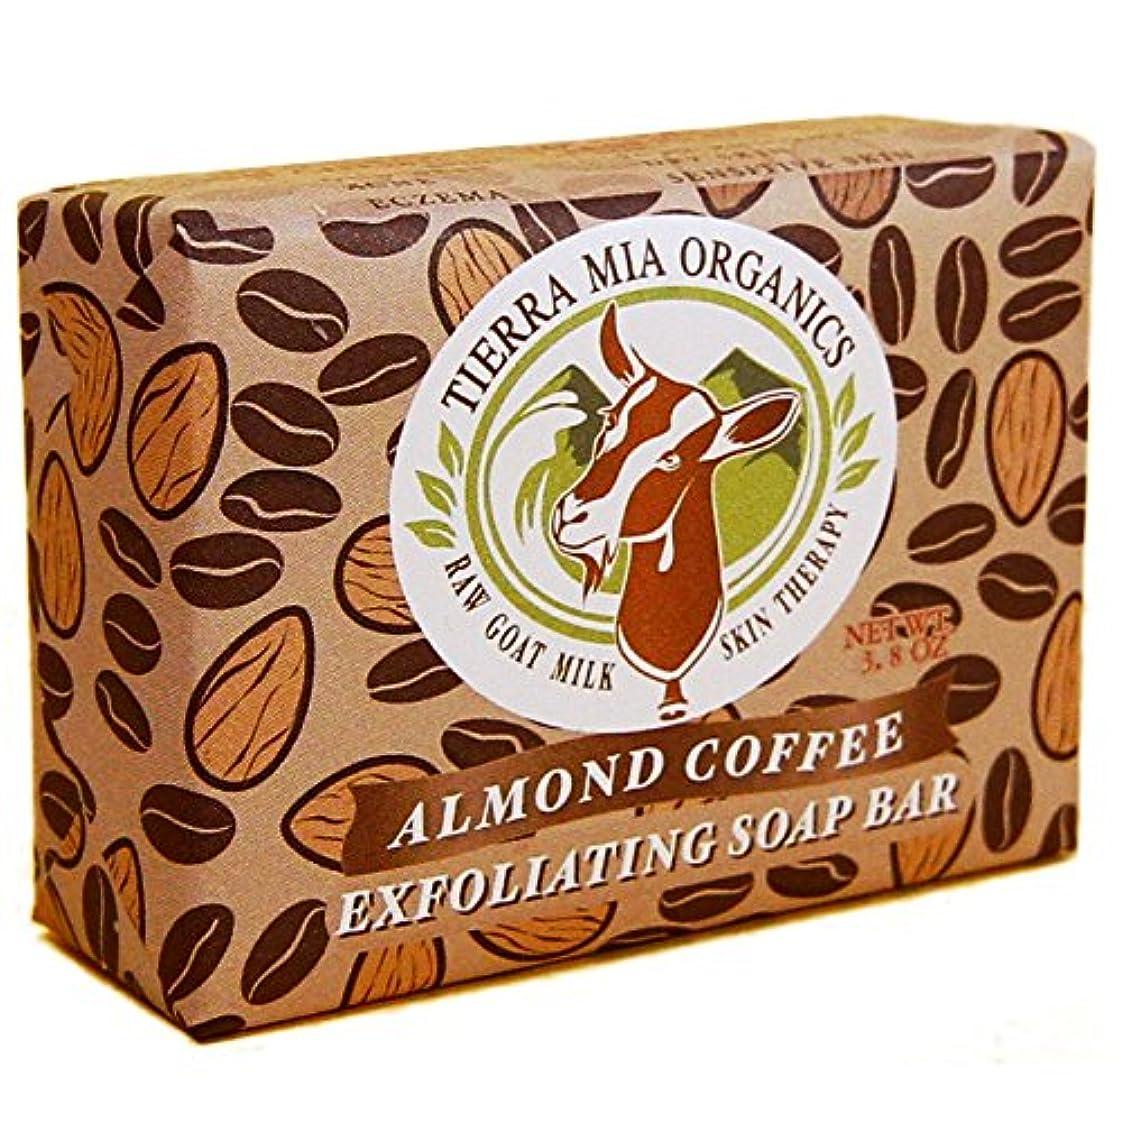 粘着性マークダウンエジプトTierra Mia Organics, Raw Goat Milk Skin Therapy, Exfoliating Soap Bar, Almond Coffee, 3.8 oz